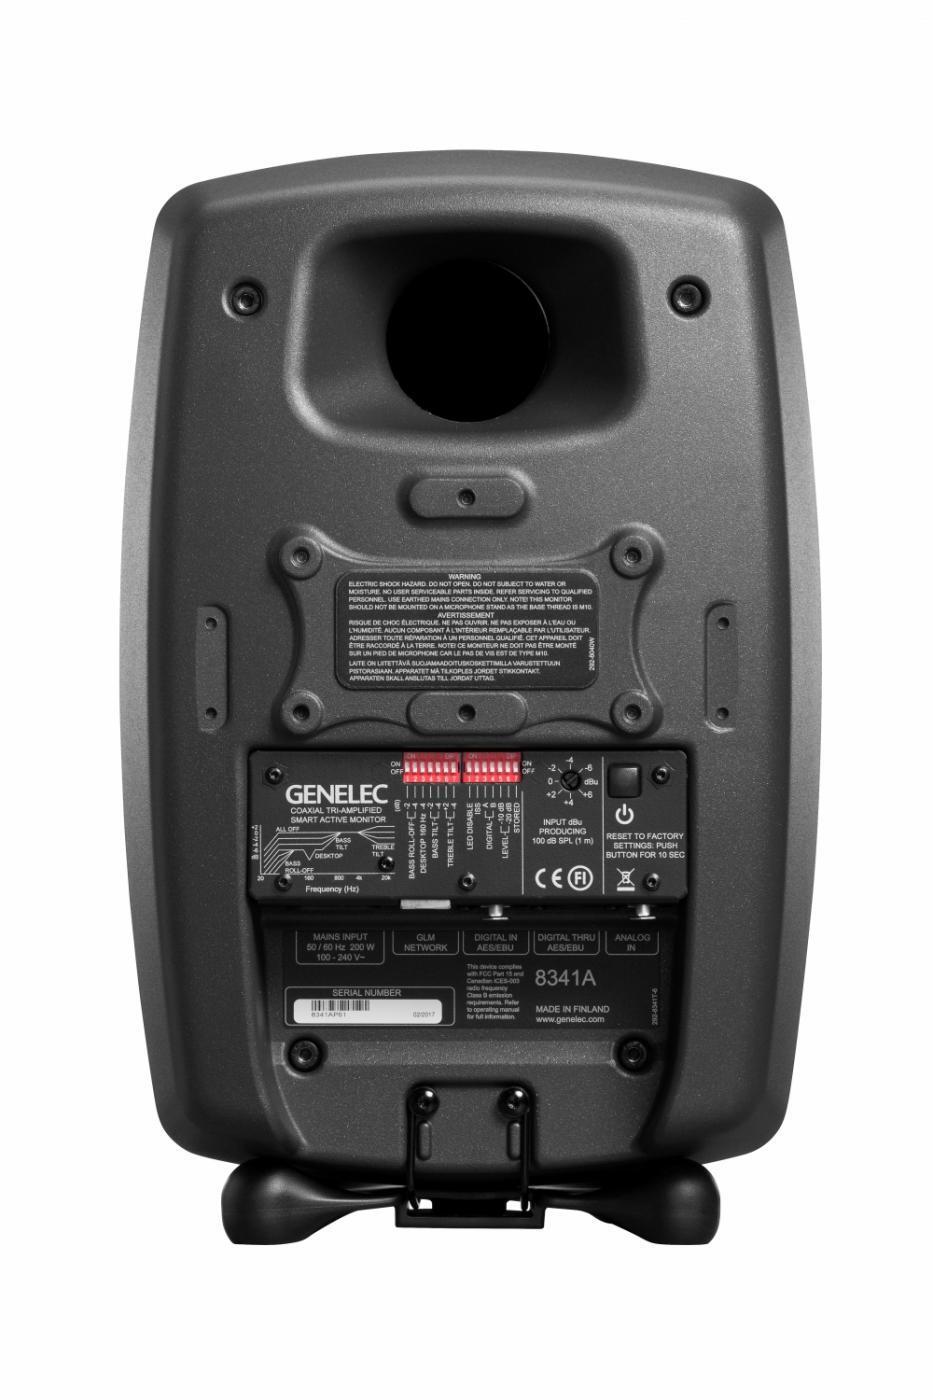 Genelec 8341AP активный 3-полосный коаксиальный монитор ближнего поля